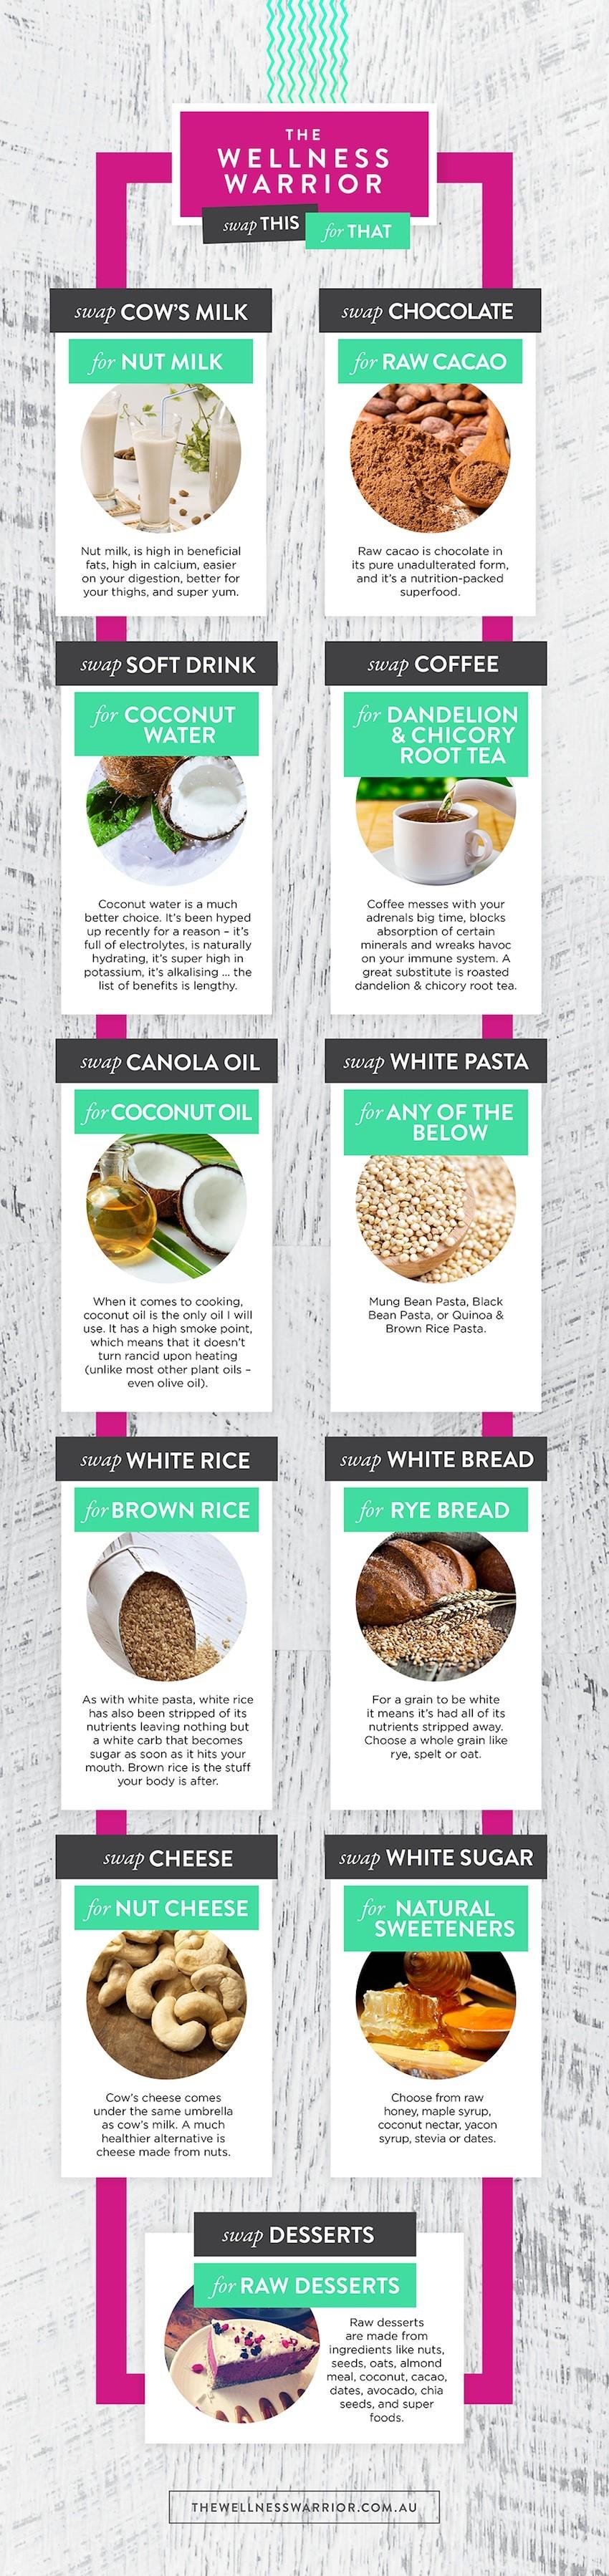 11 Tasty Food Swaps Infographic